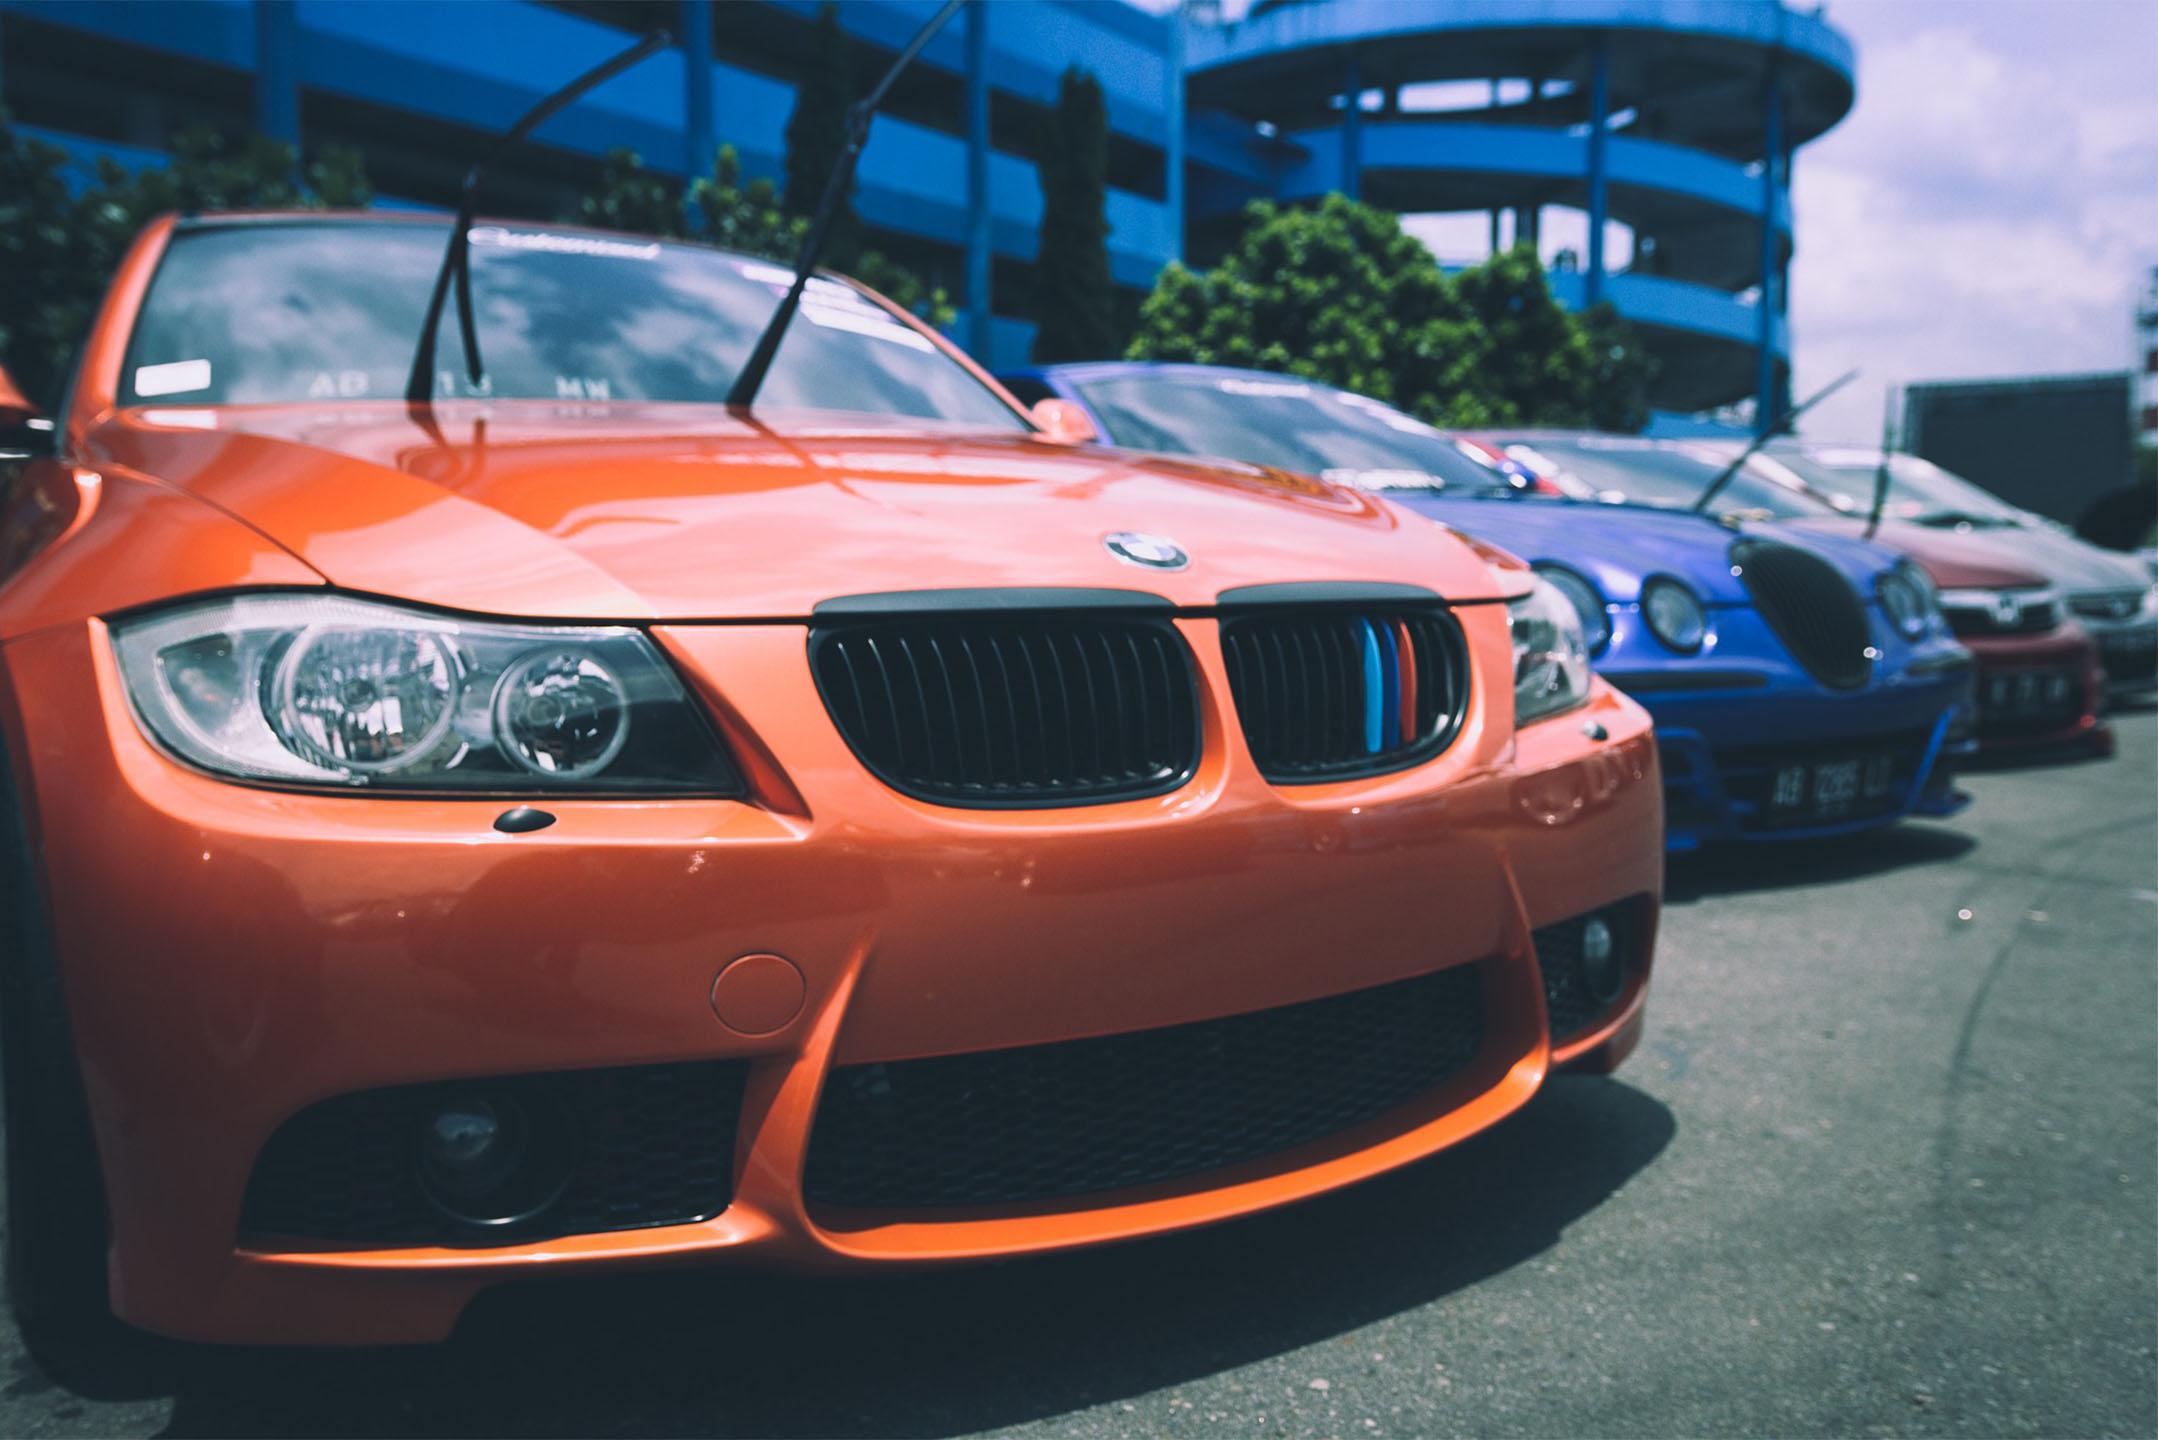 WYNAJEM SAMOCHODÓW W WARSZAWIE - pożyczaj samochody online